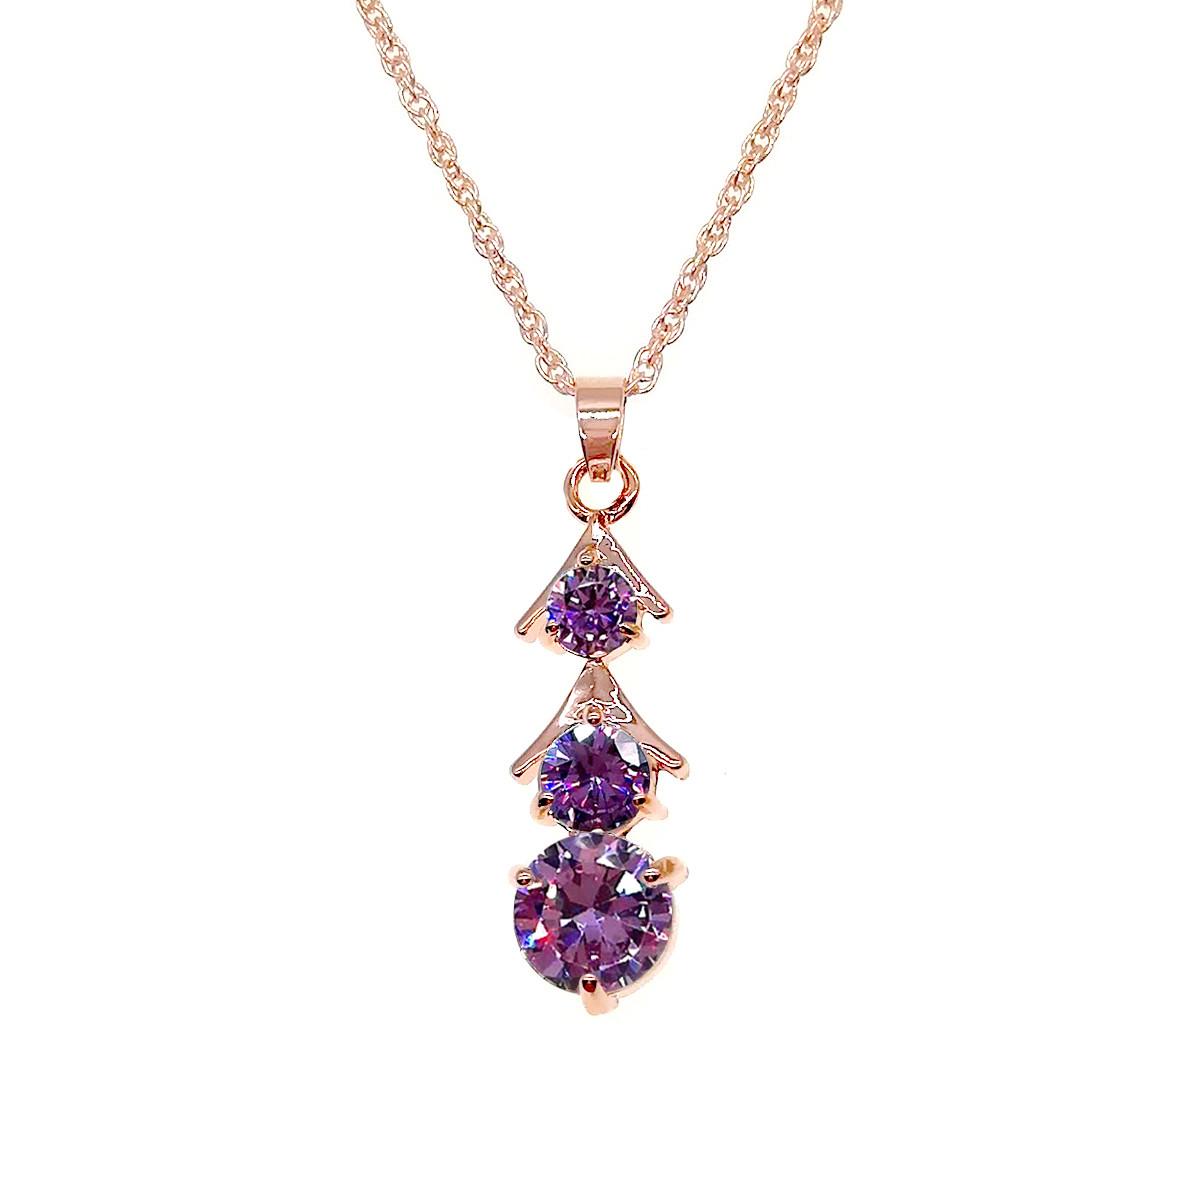 Подвеска на цепочке SONATA из медицинского золота, фиолетовый фианит, позолота PO, 42165             (1)